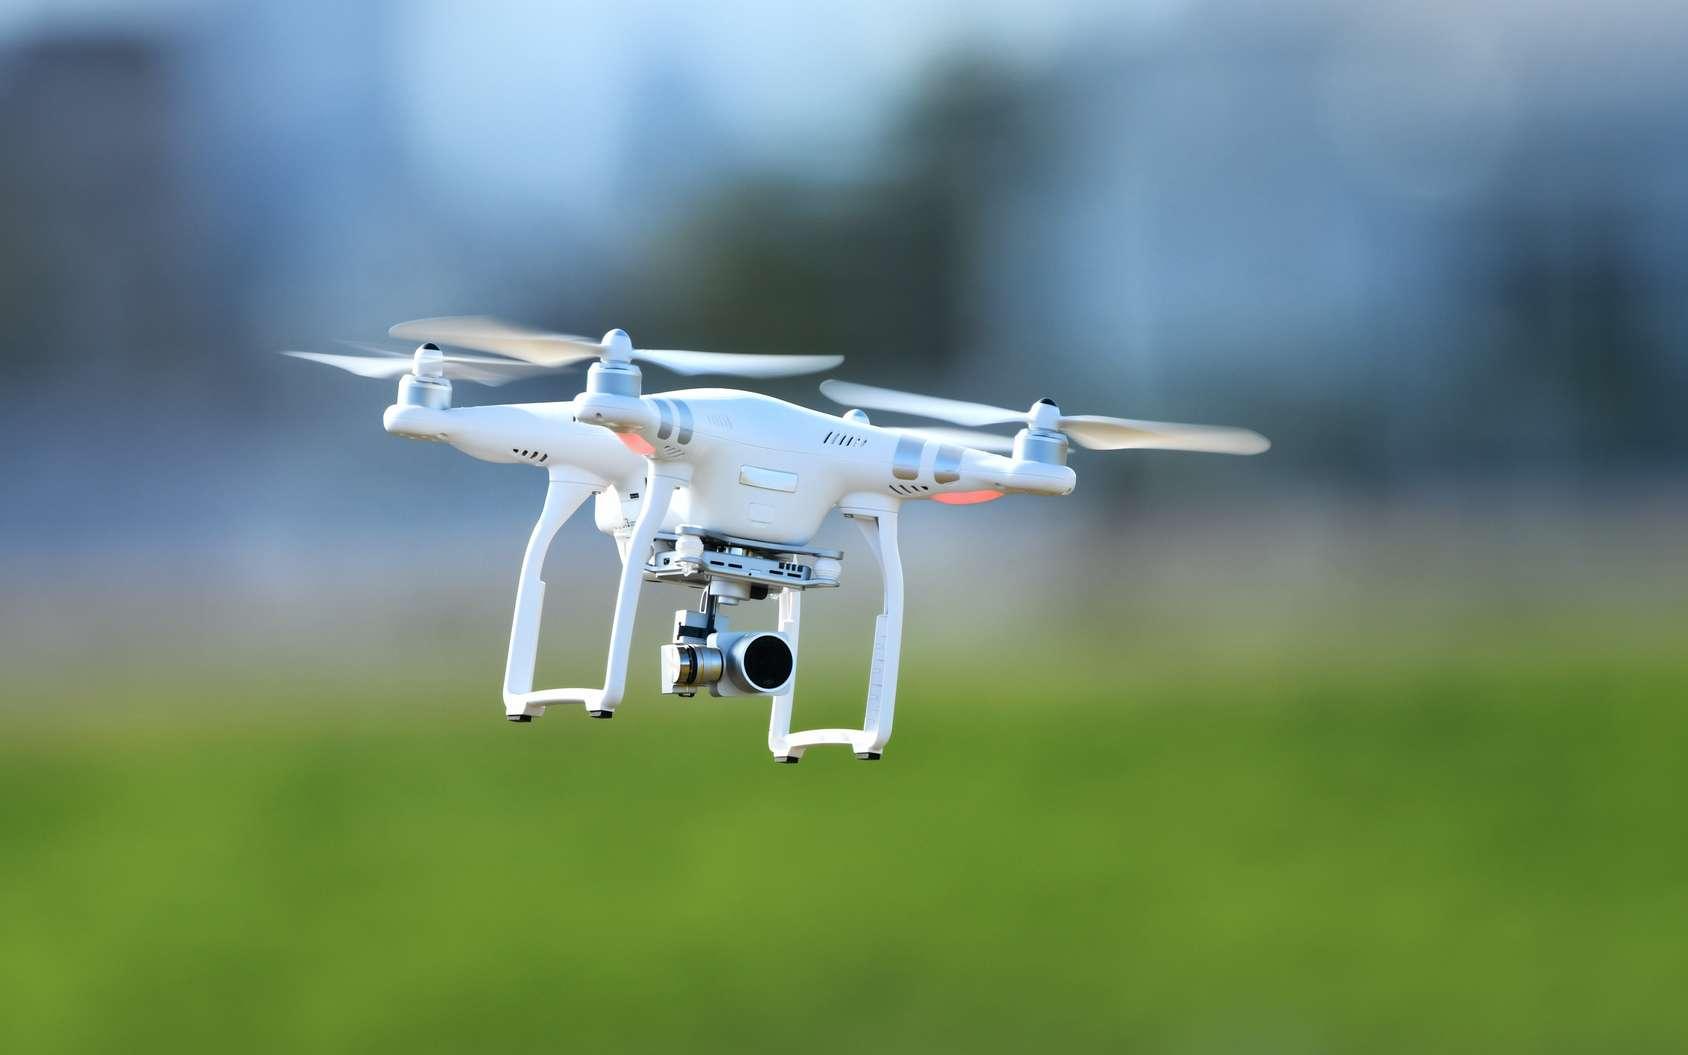 L'utilisation des drones et les dérives de plus en plus fréquentes entraîne un durcissement des lois. © dreamnikon, fotolia